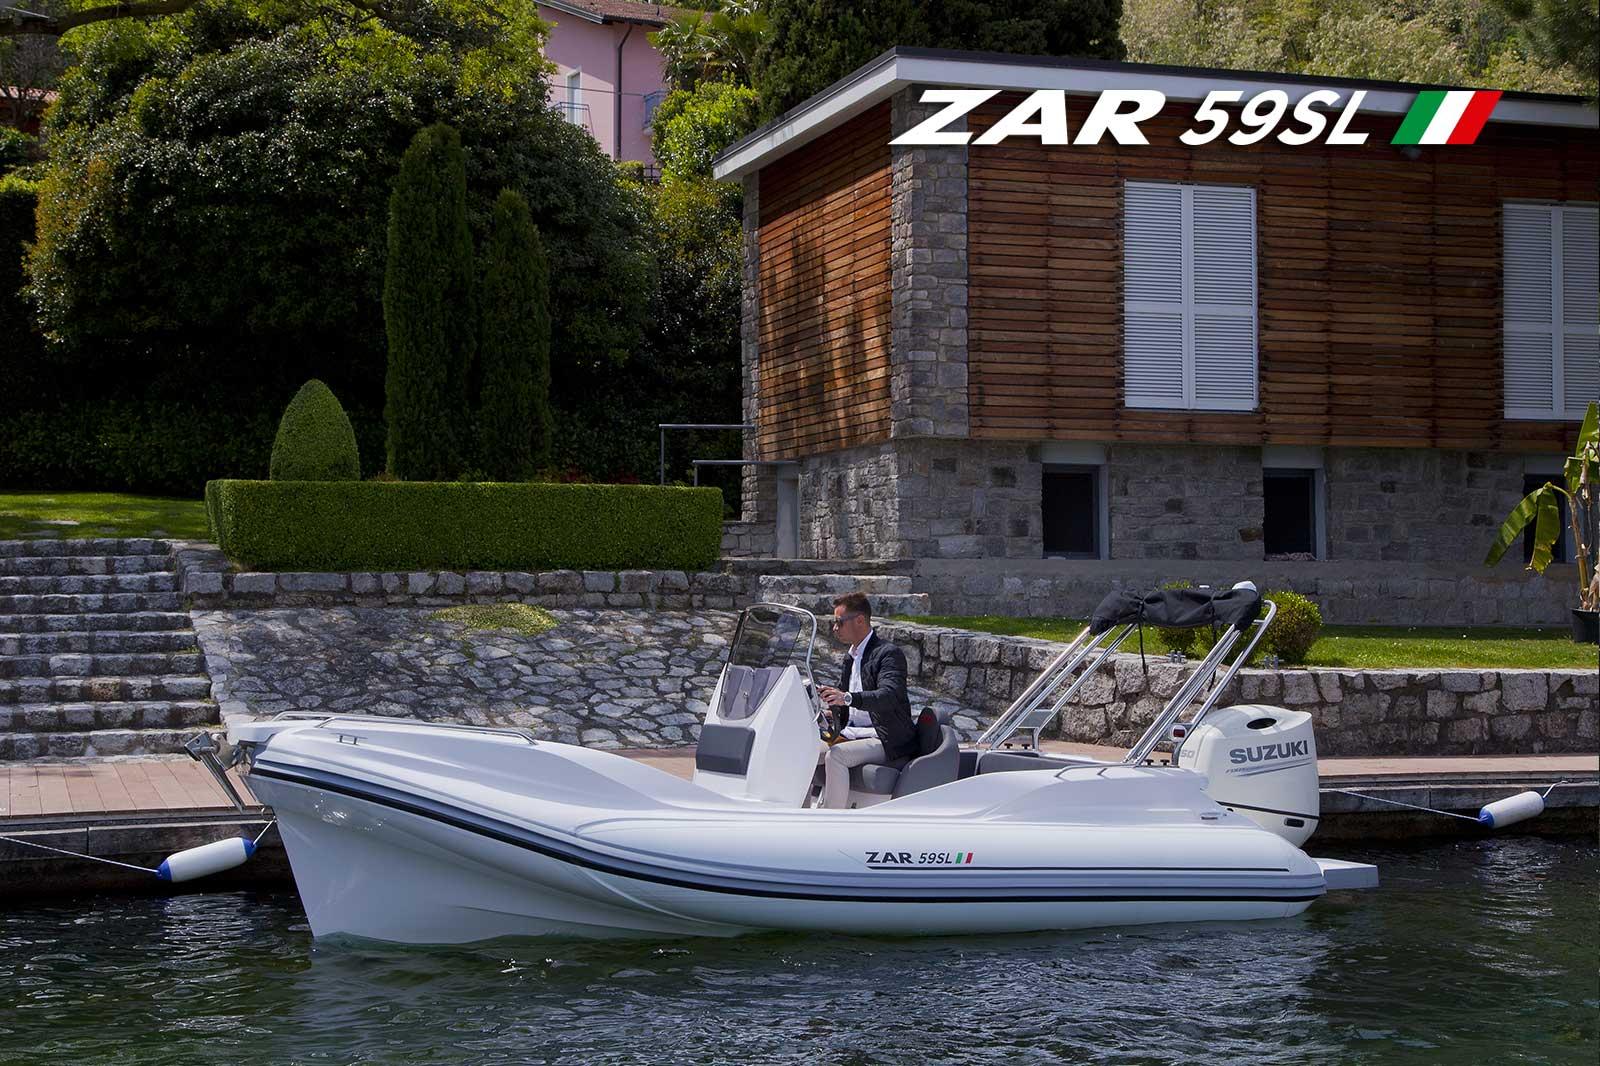 Zar59 2